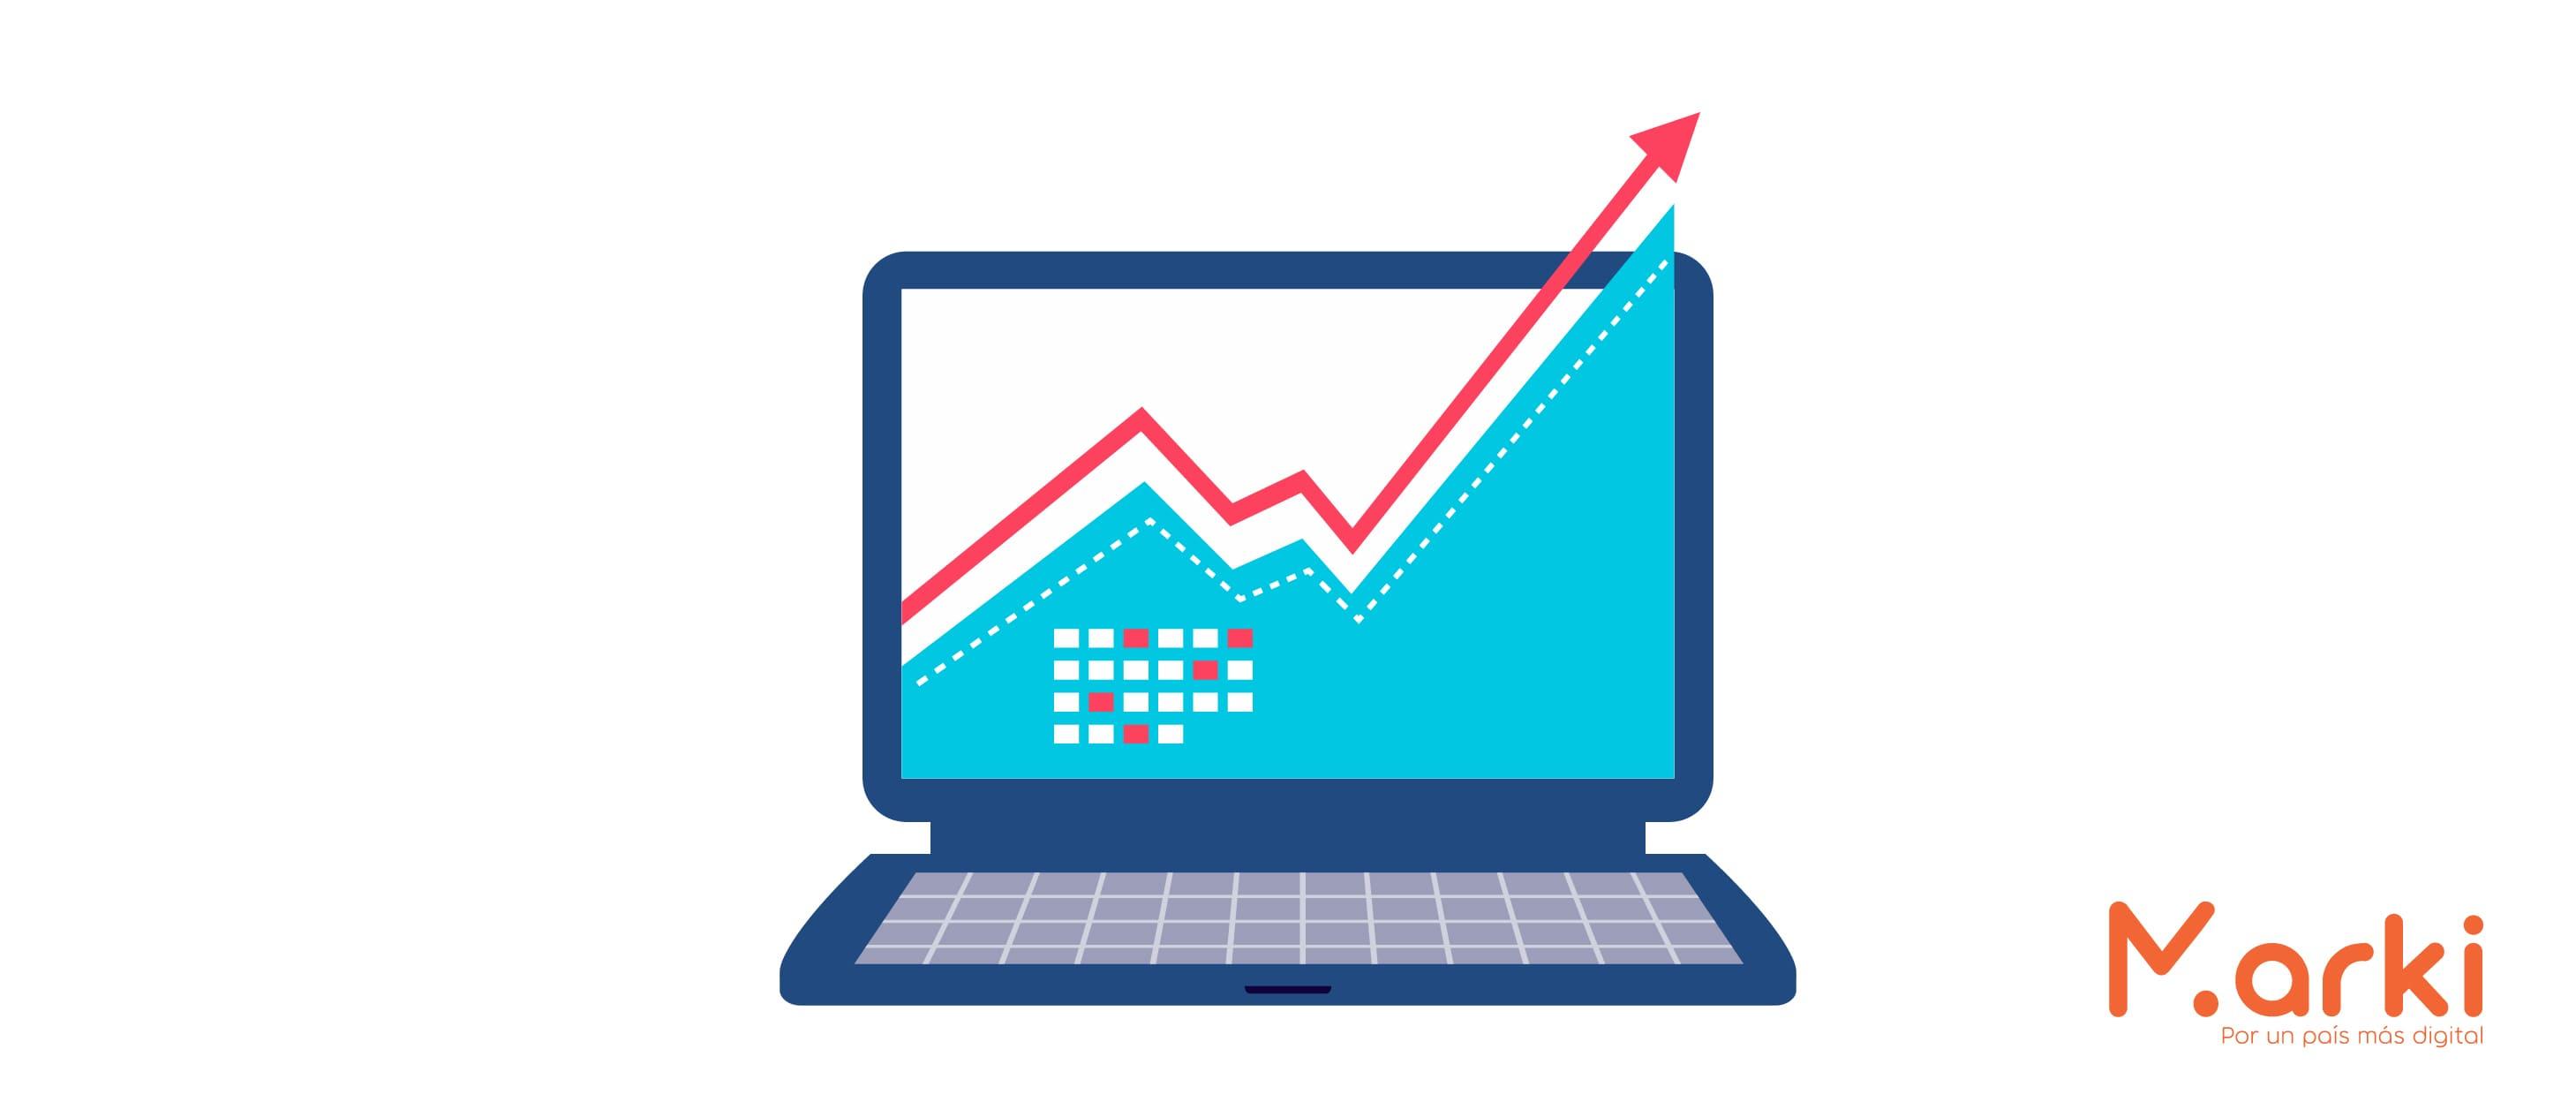 ventas en ecommerce evolucion del marketing digital la evolucion del marketing digital la nueva era digital como surgio el marketing digital los negocios en la era digital voluntarios universitarios voluntariado peru voluntariado online voluntariado marki